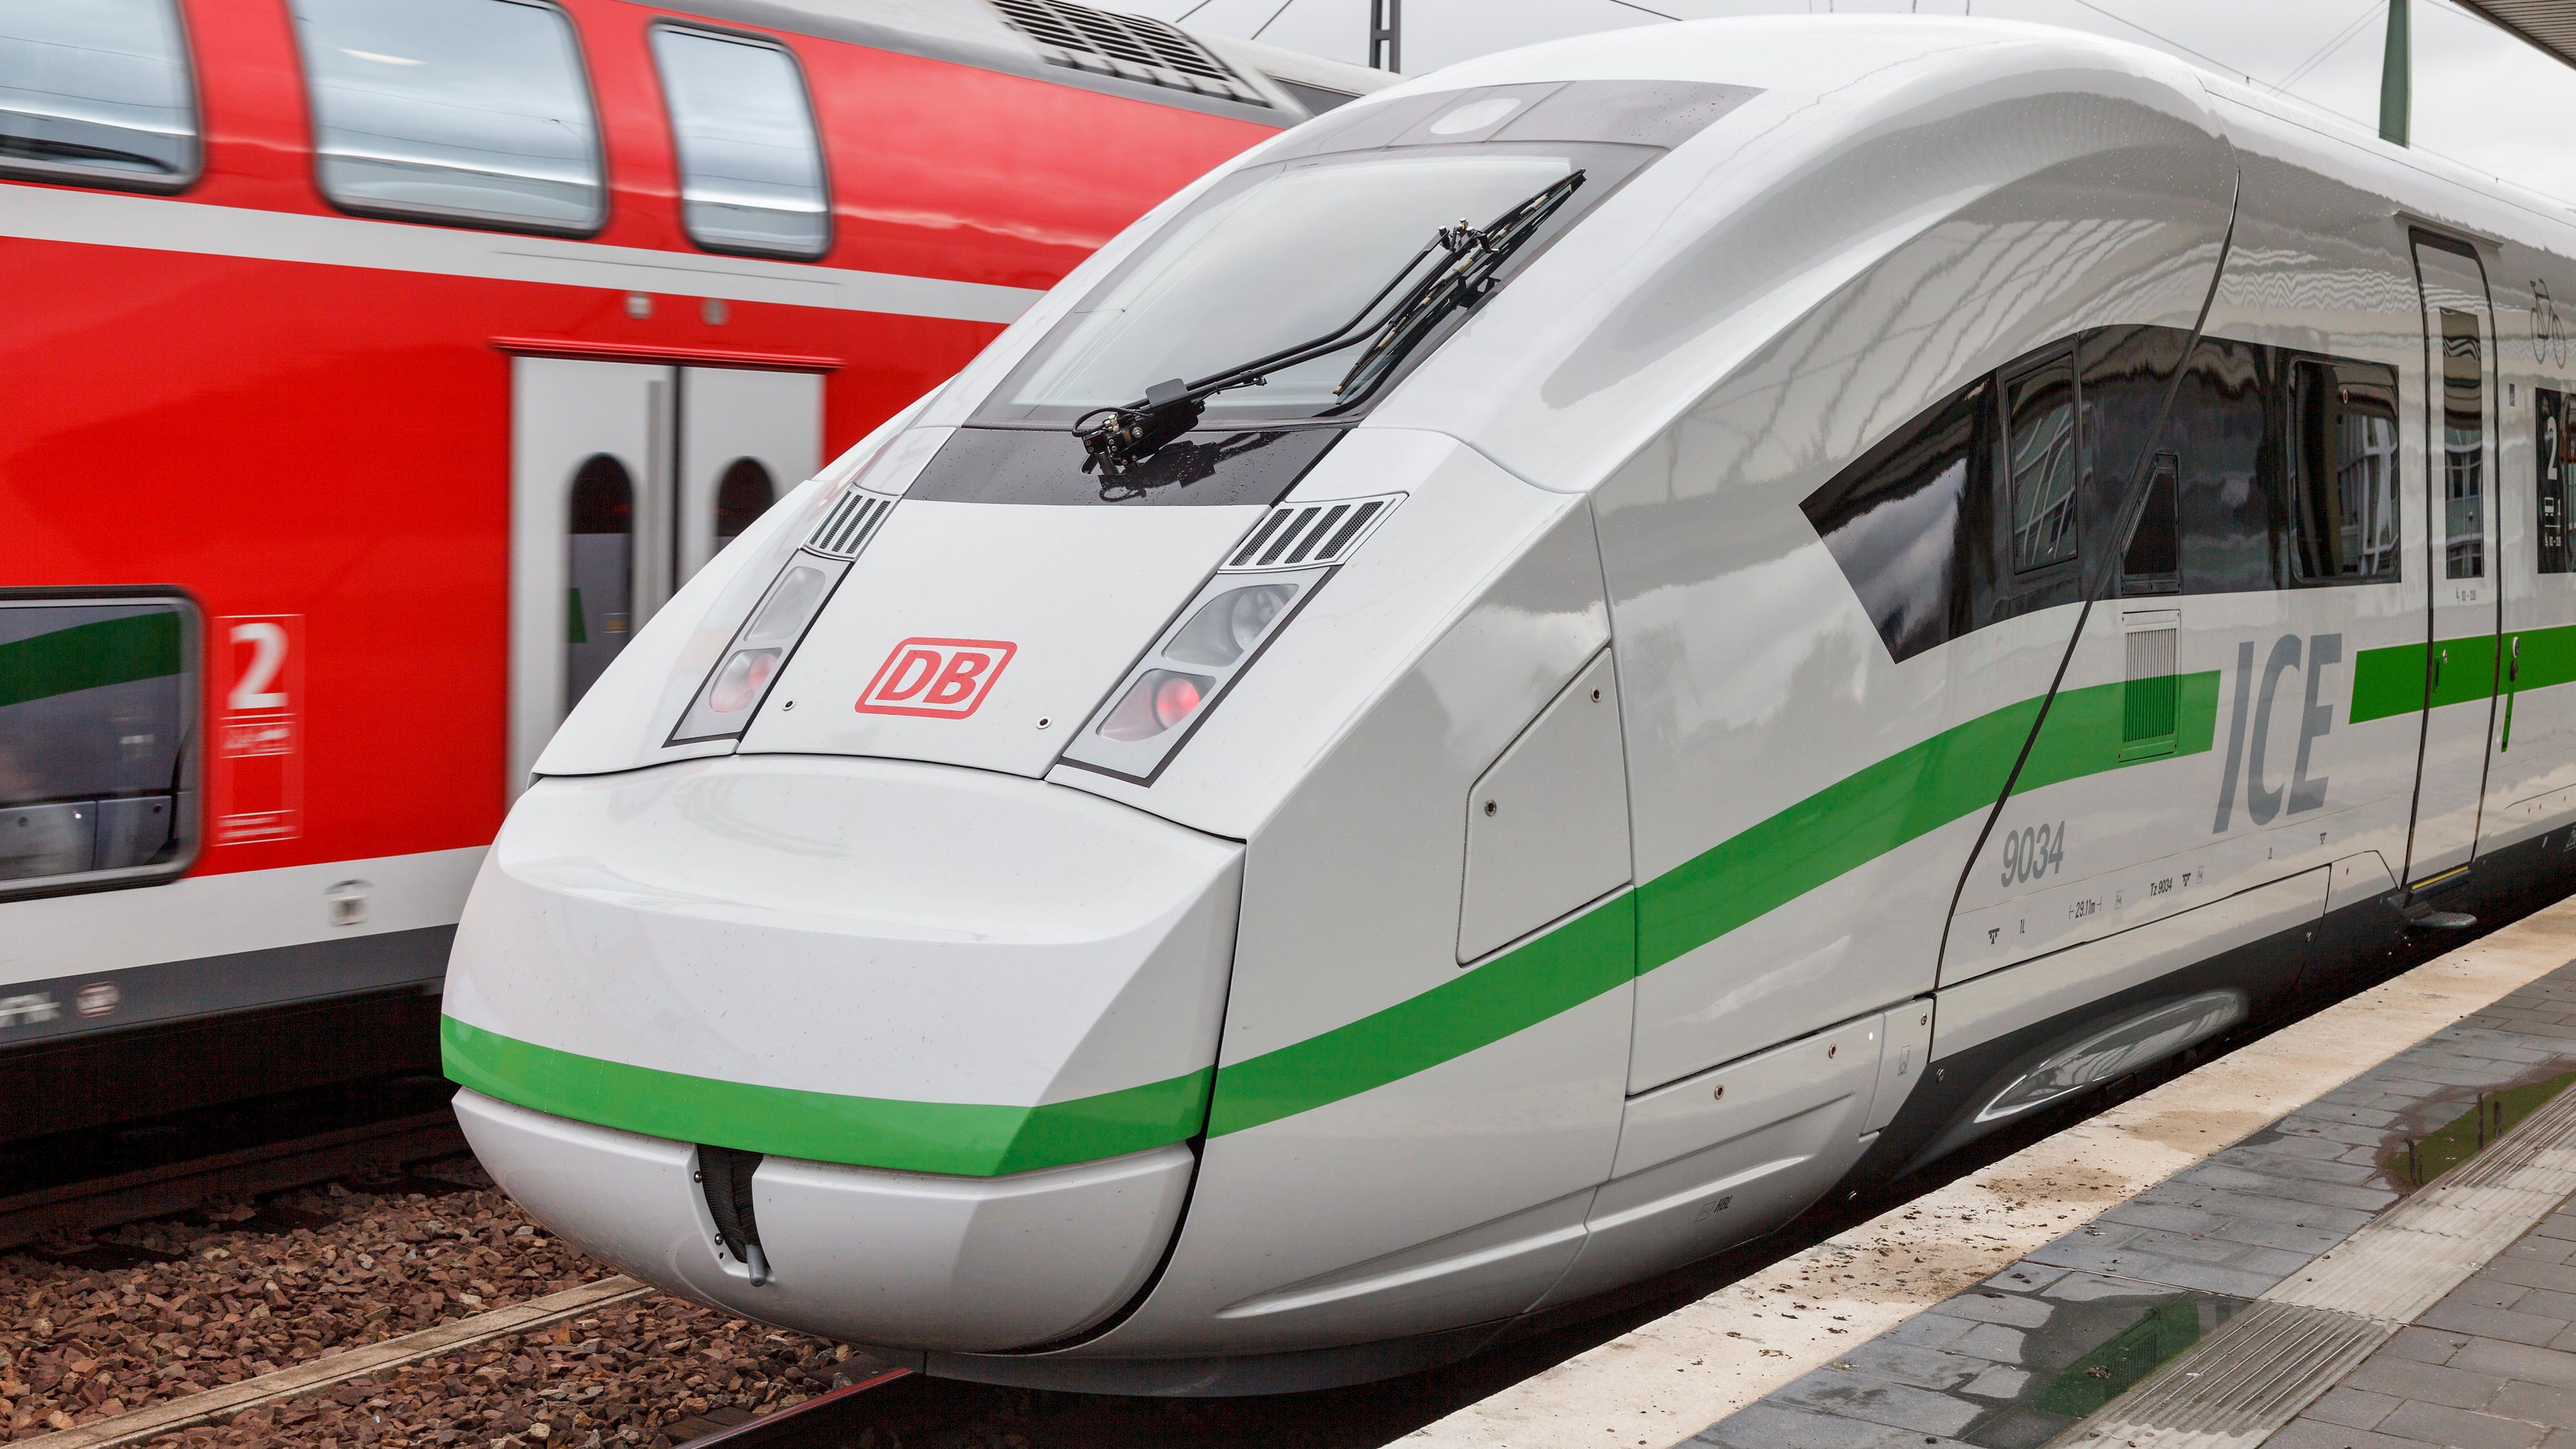 UN-Klimakonferenz: Wie die Deutsche Bahn mit einer Wette ein Zeichen für den Klimaschutz setzt